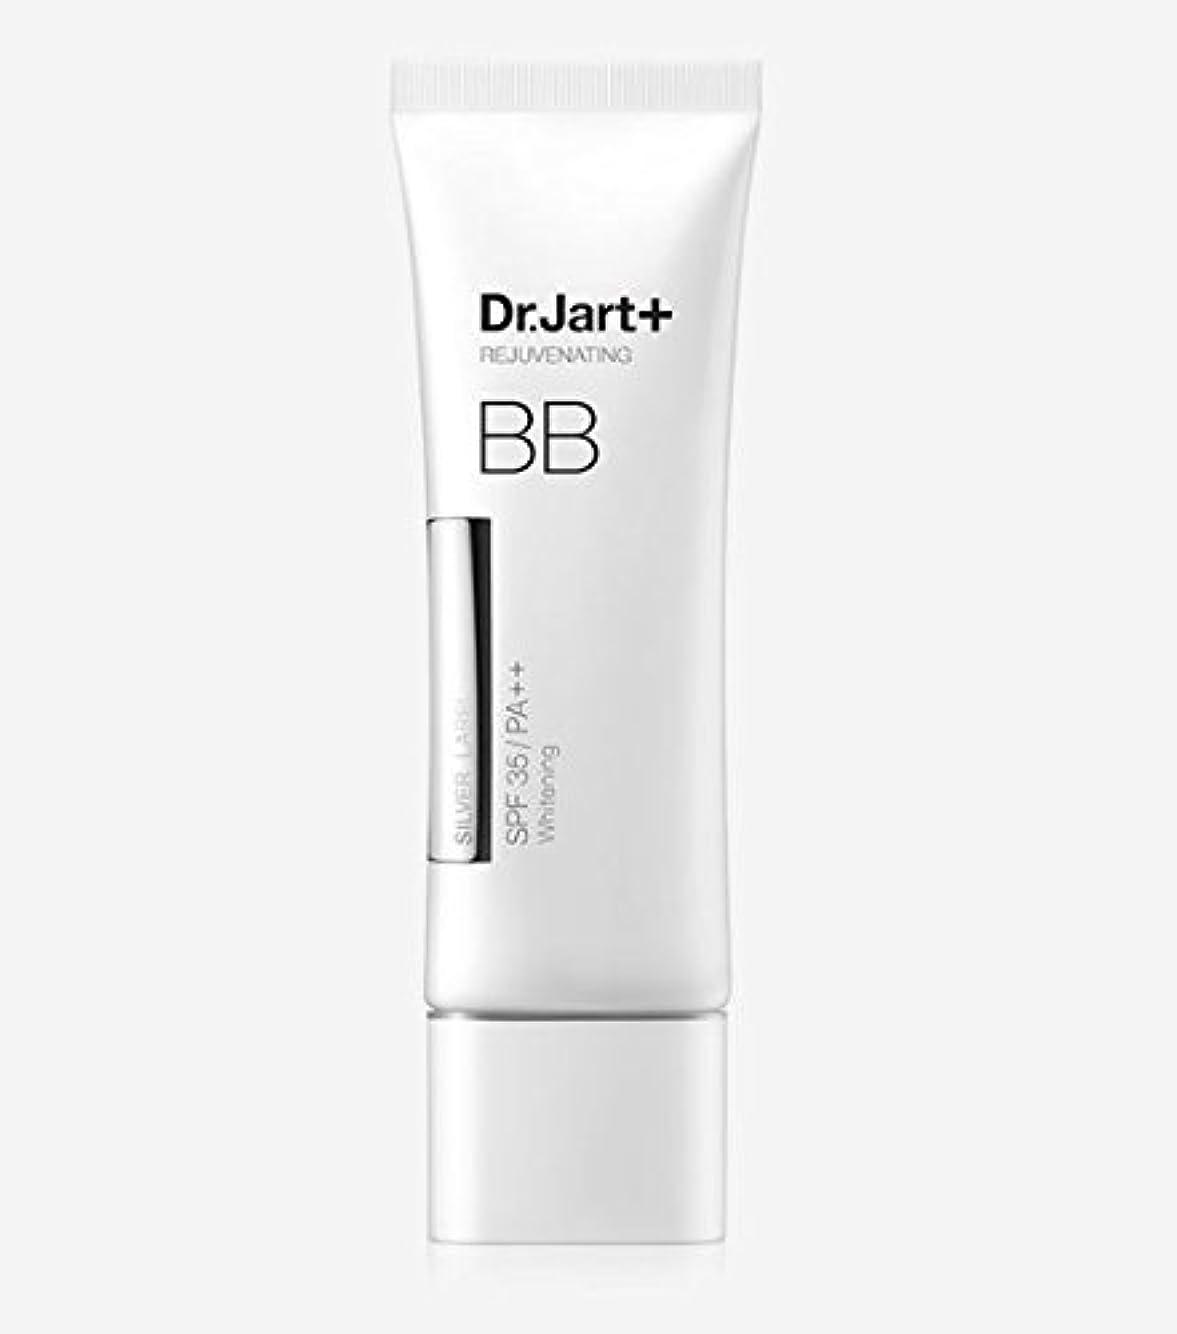 ホーン適度な唇[Dr. Jart] Silver Label BB Rejuvenating Beauty Balm 50ml SPF35 PA++/[ドクタージャルト] シルバーラベル BB リジュビネイティング ビューティー バーム 50ml SPF35 PA++ [並行輸入品]